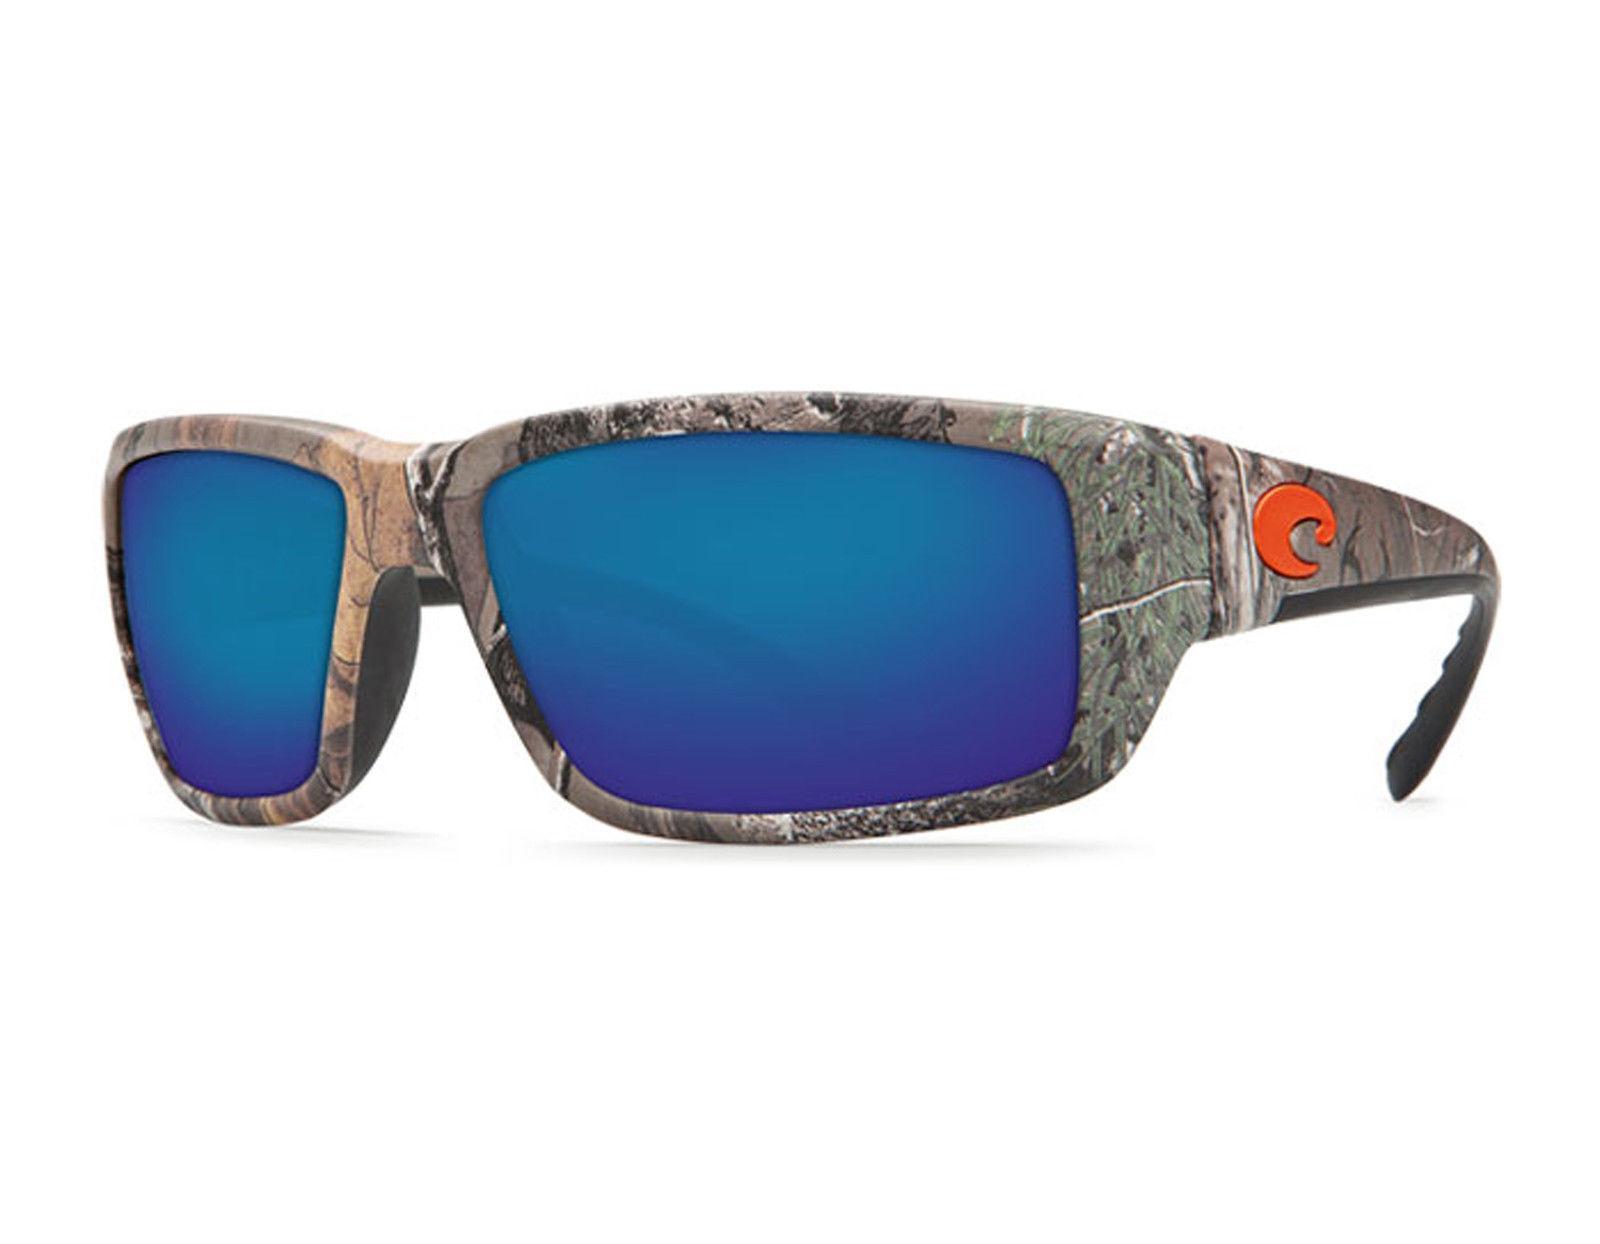 New Costa Del Mar TF69OBMP Fantail Realtree bluee Mirror Glass 580p Sunglasses